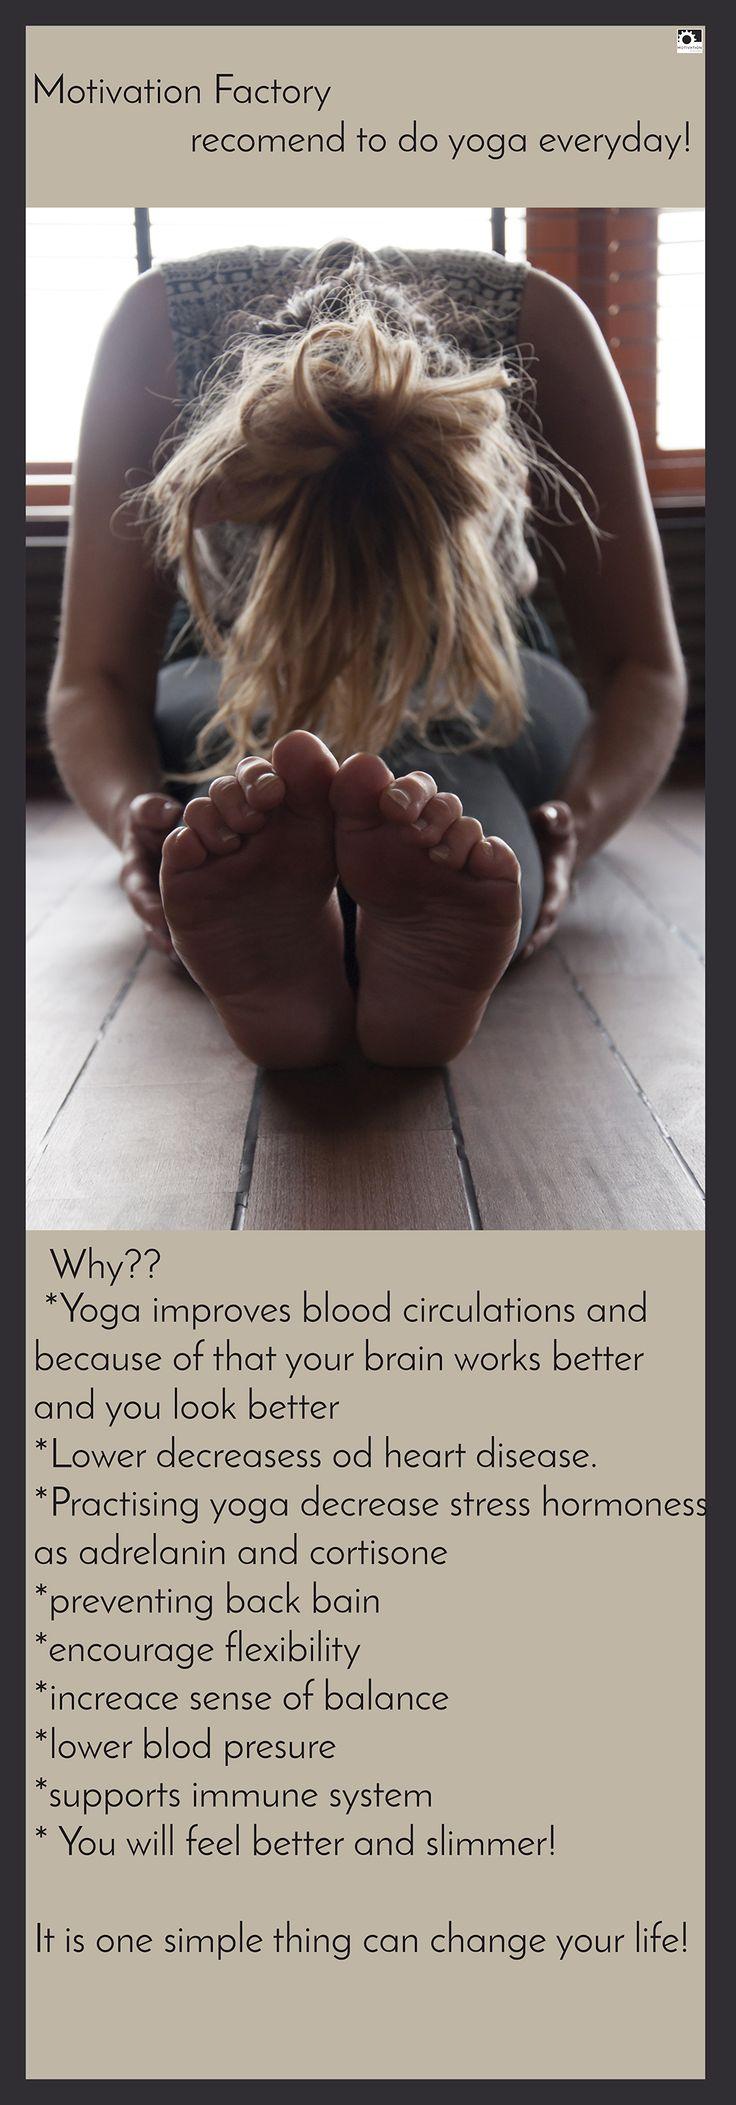 Rule # 3 - Do Yoga. maybe it is so crear, but check why! // Ćwicz jogę codziennie i choć to może takie oczywiste wiesz dlaczego?  -Joga pomoga w cyrkuracji krwi a to spowoduje , że twój mózg będzie lepiej pracował i a ty będziesz wyglądać lepiej -Zmniejsza poziomy hormonów stresu -Będzie zapobiegać bólowi pleców -poprawi twoją elastyczność -poprawi zmysł równowagi -wyreguluje ciśnienie -wspomoże system odpornościowy -Dzięki jodze będziesz czuć się lepiej i wyglądać szczuplej…